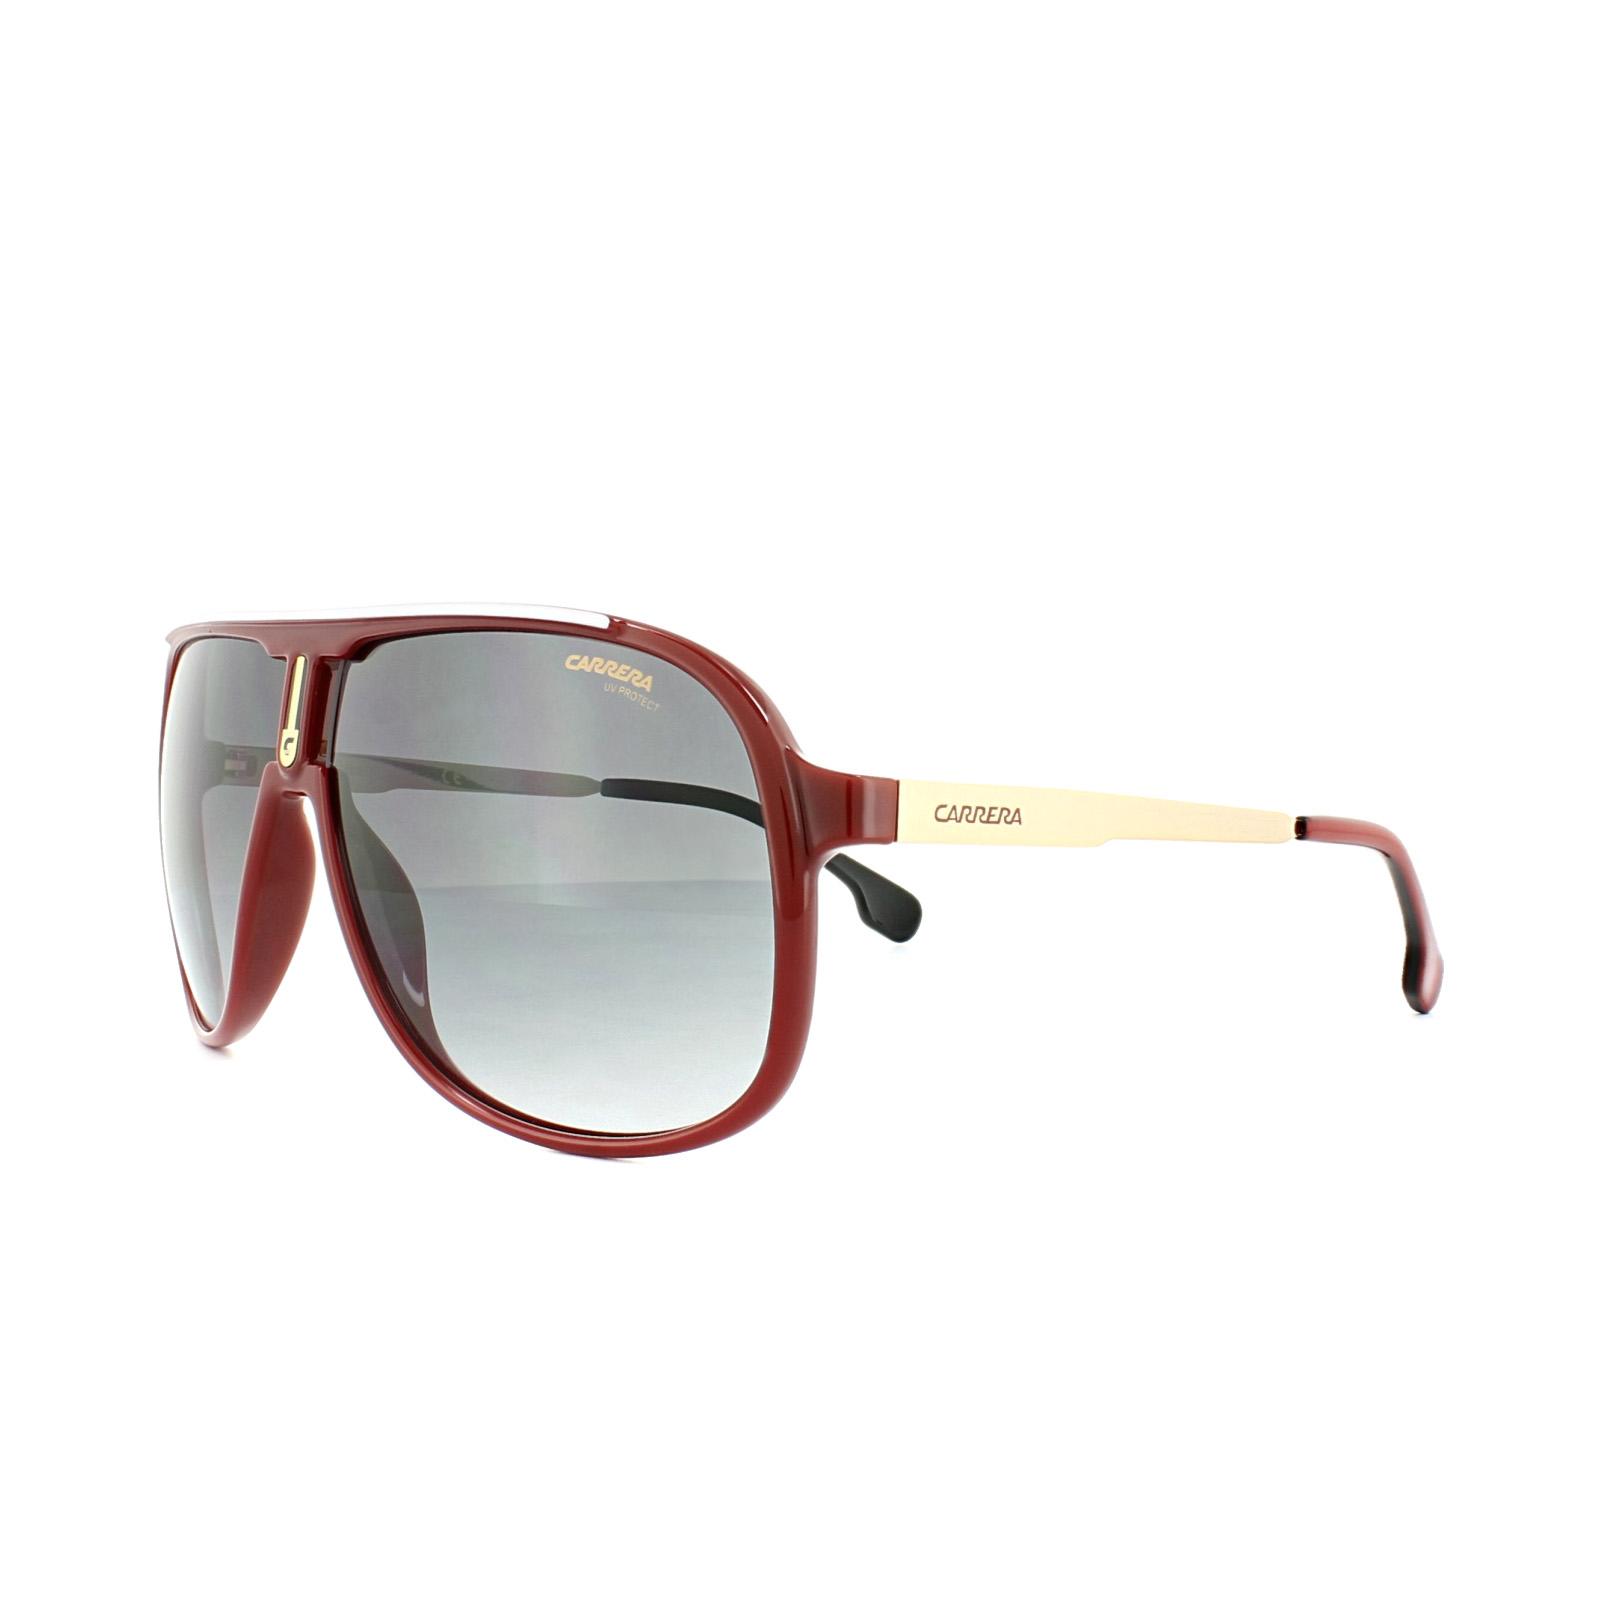 539adb79f3 Sentinel Carrera Sunglasses 1007 S C9A 9O Red Gold Dark Grey Gradient